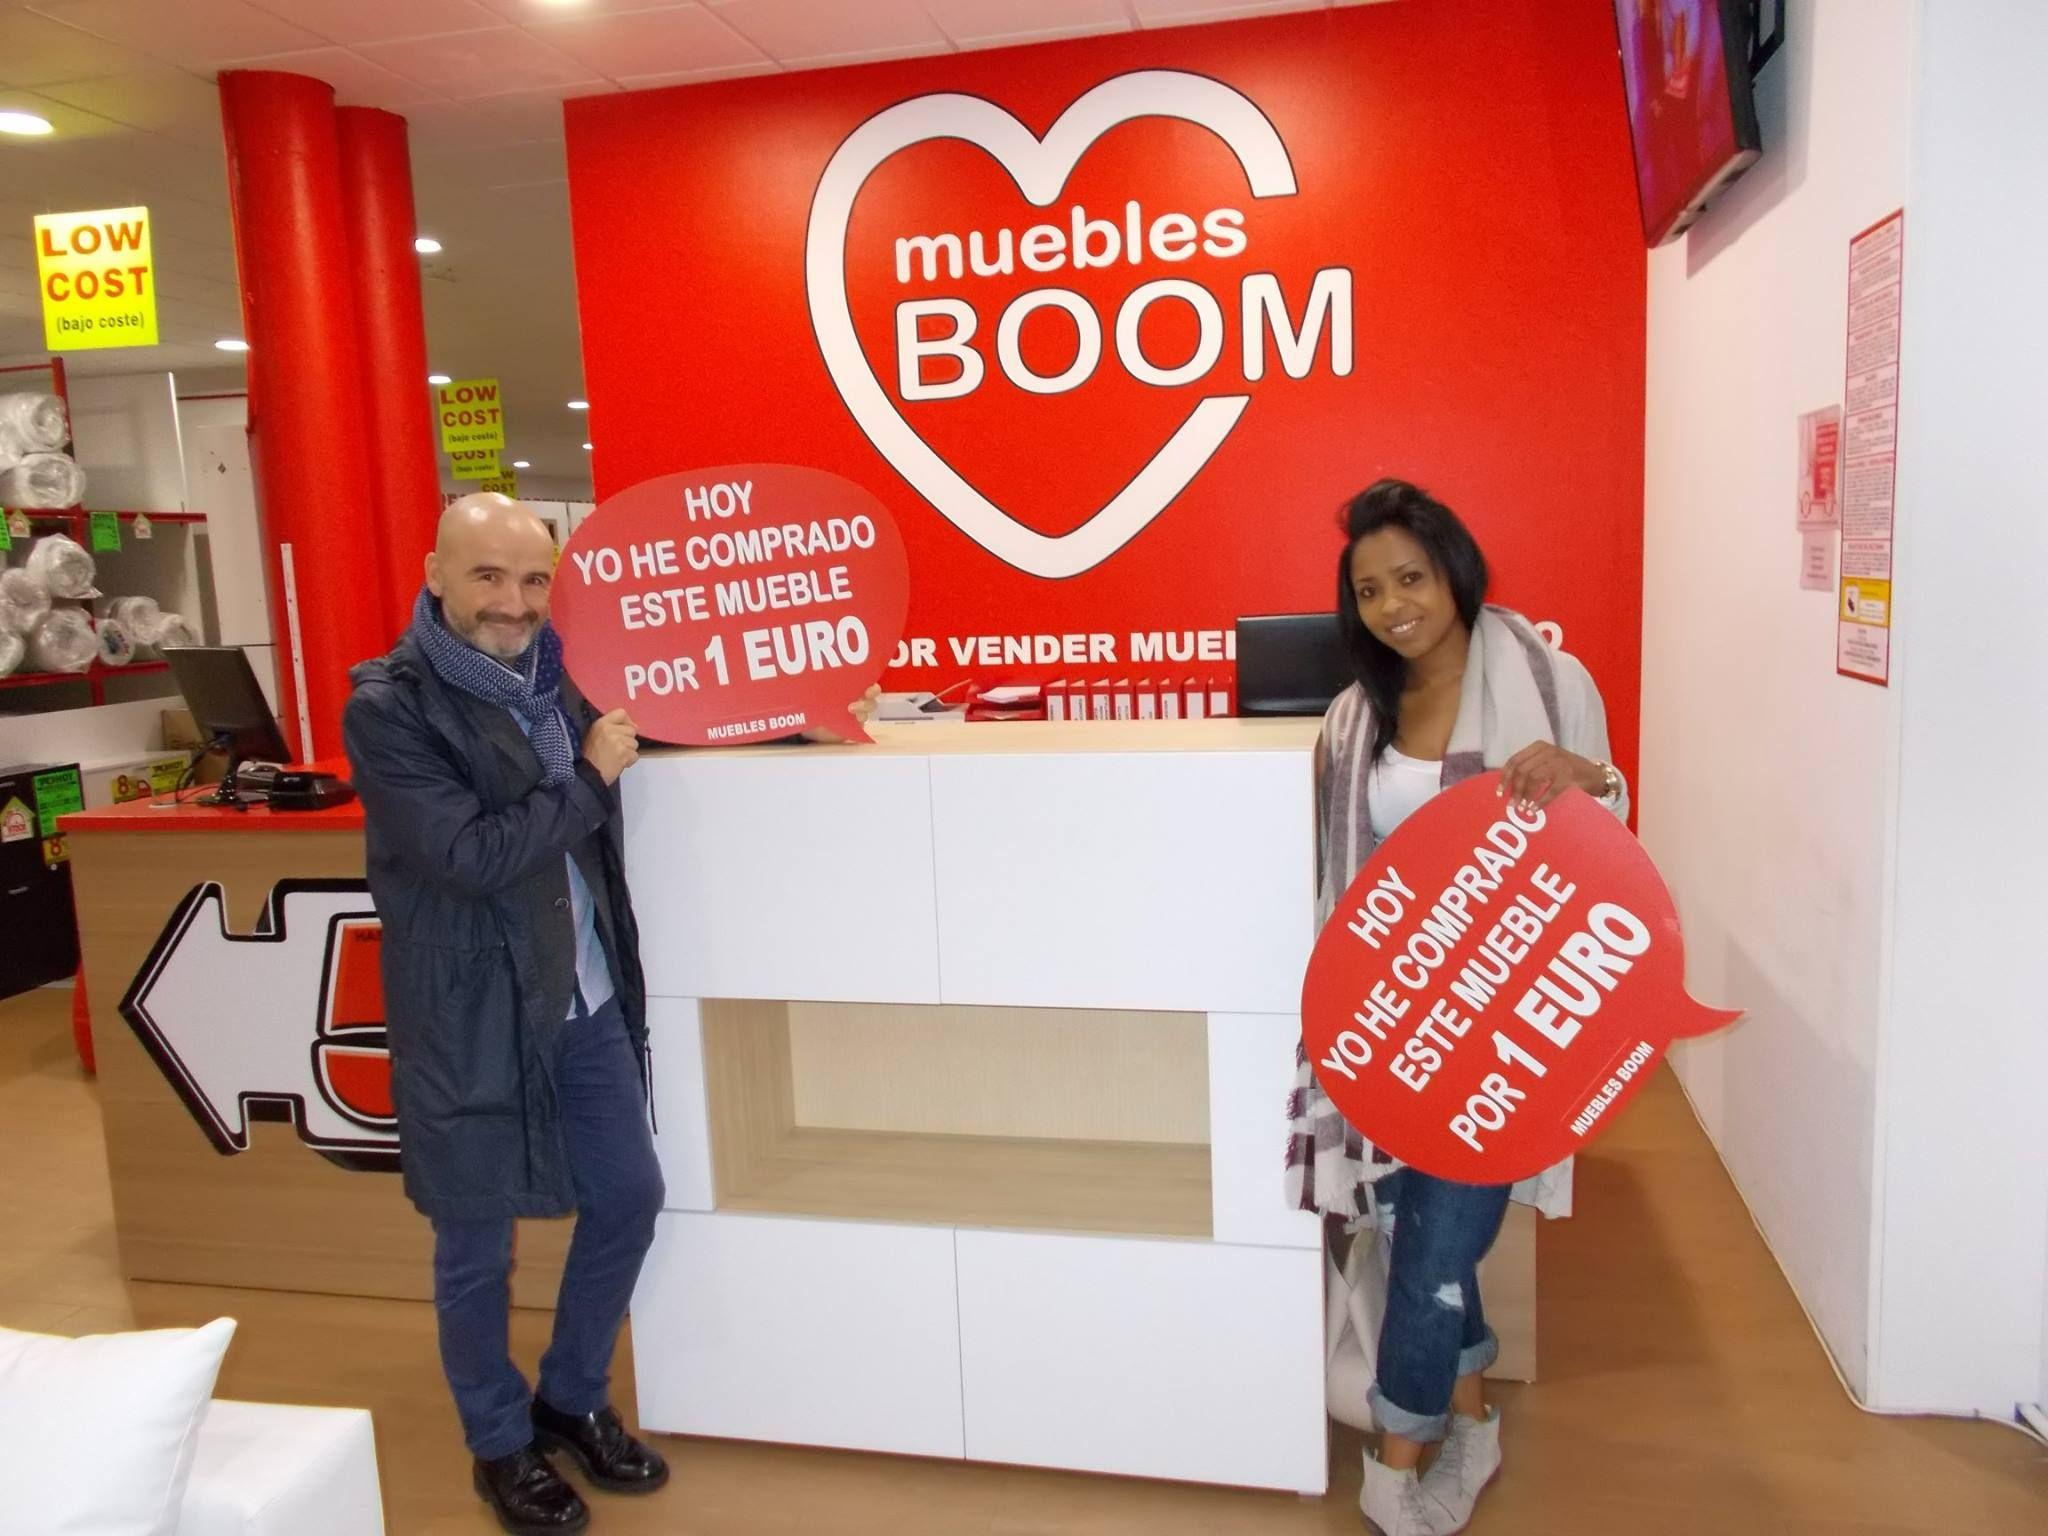 Ayer emy v s y antonio v a se compraron por s lo 1 euro este aparador en nuestra - Muebles boom 1 euro ...